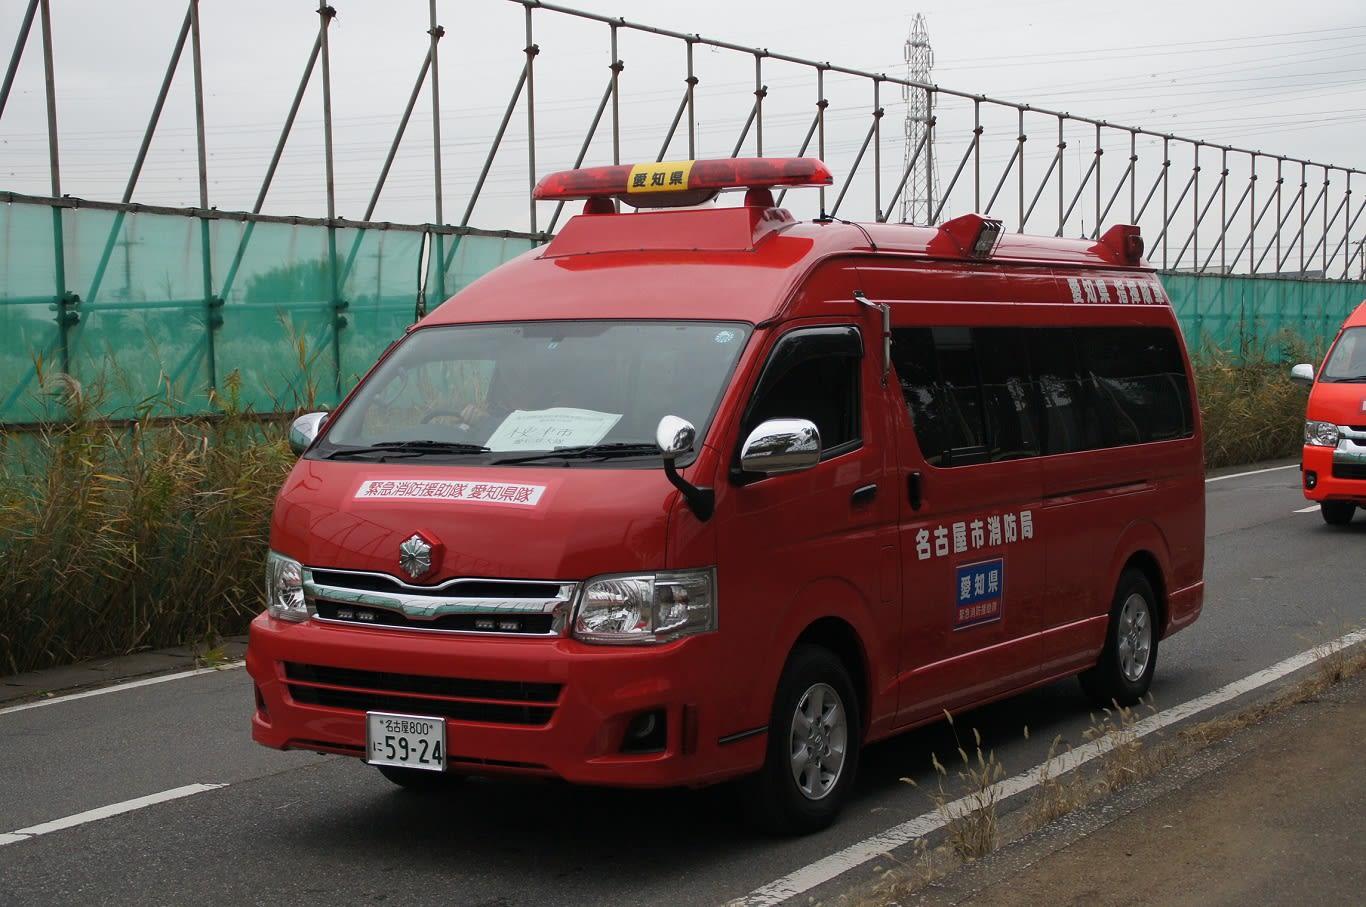 名古屋市消防局 県隊指揮車 - 全国の消防車輌大集合